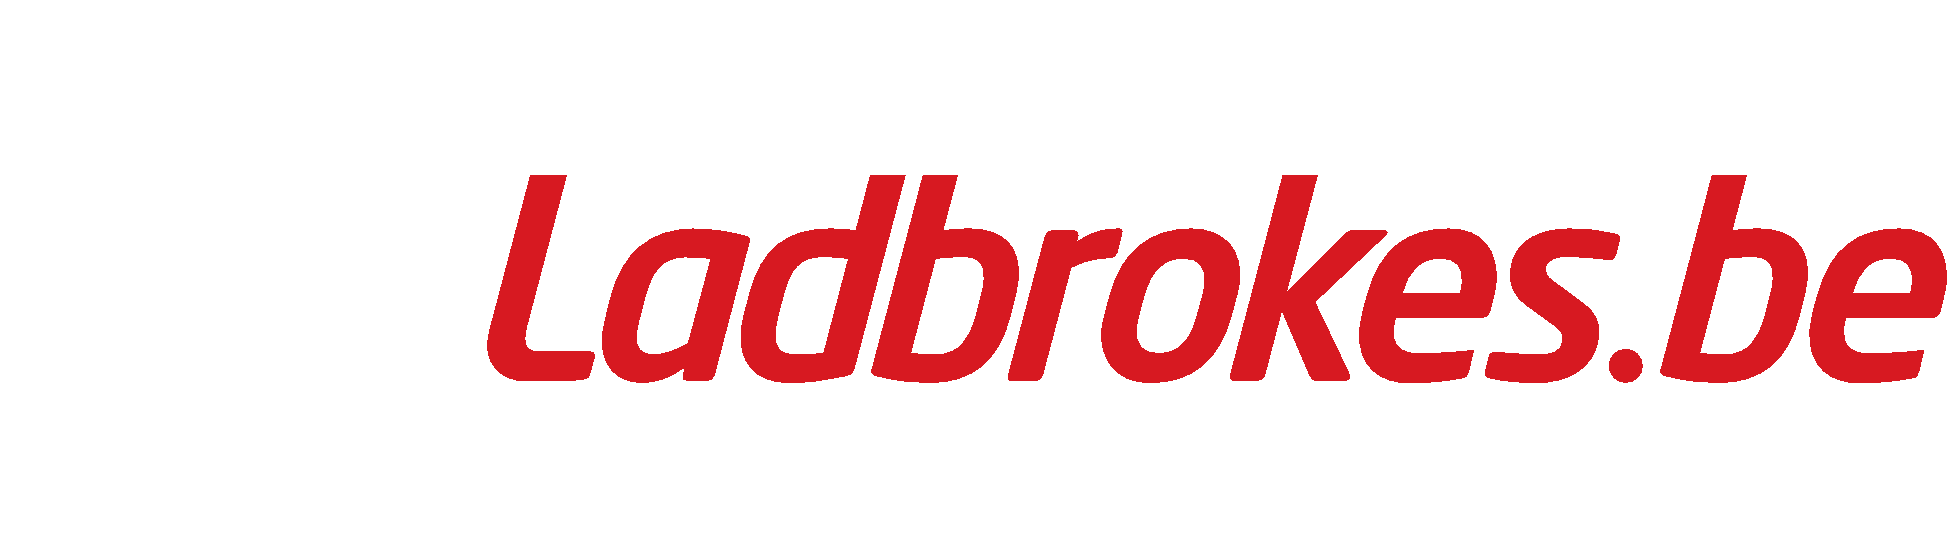 Derby Ladbrokes (Ladbrokes Belgium)